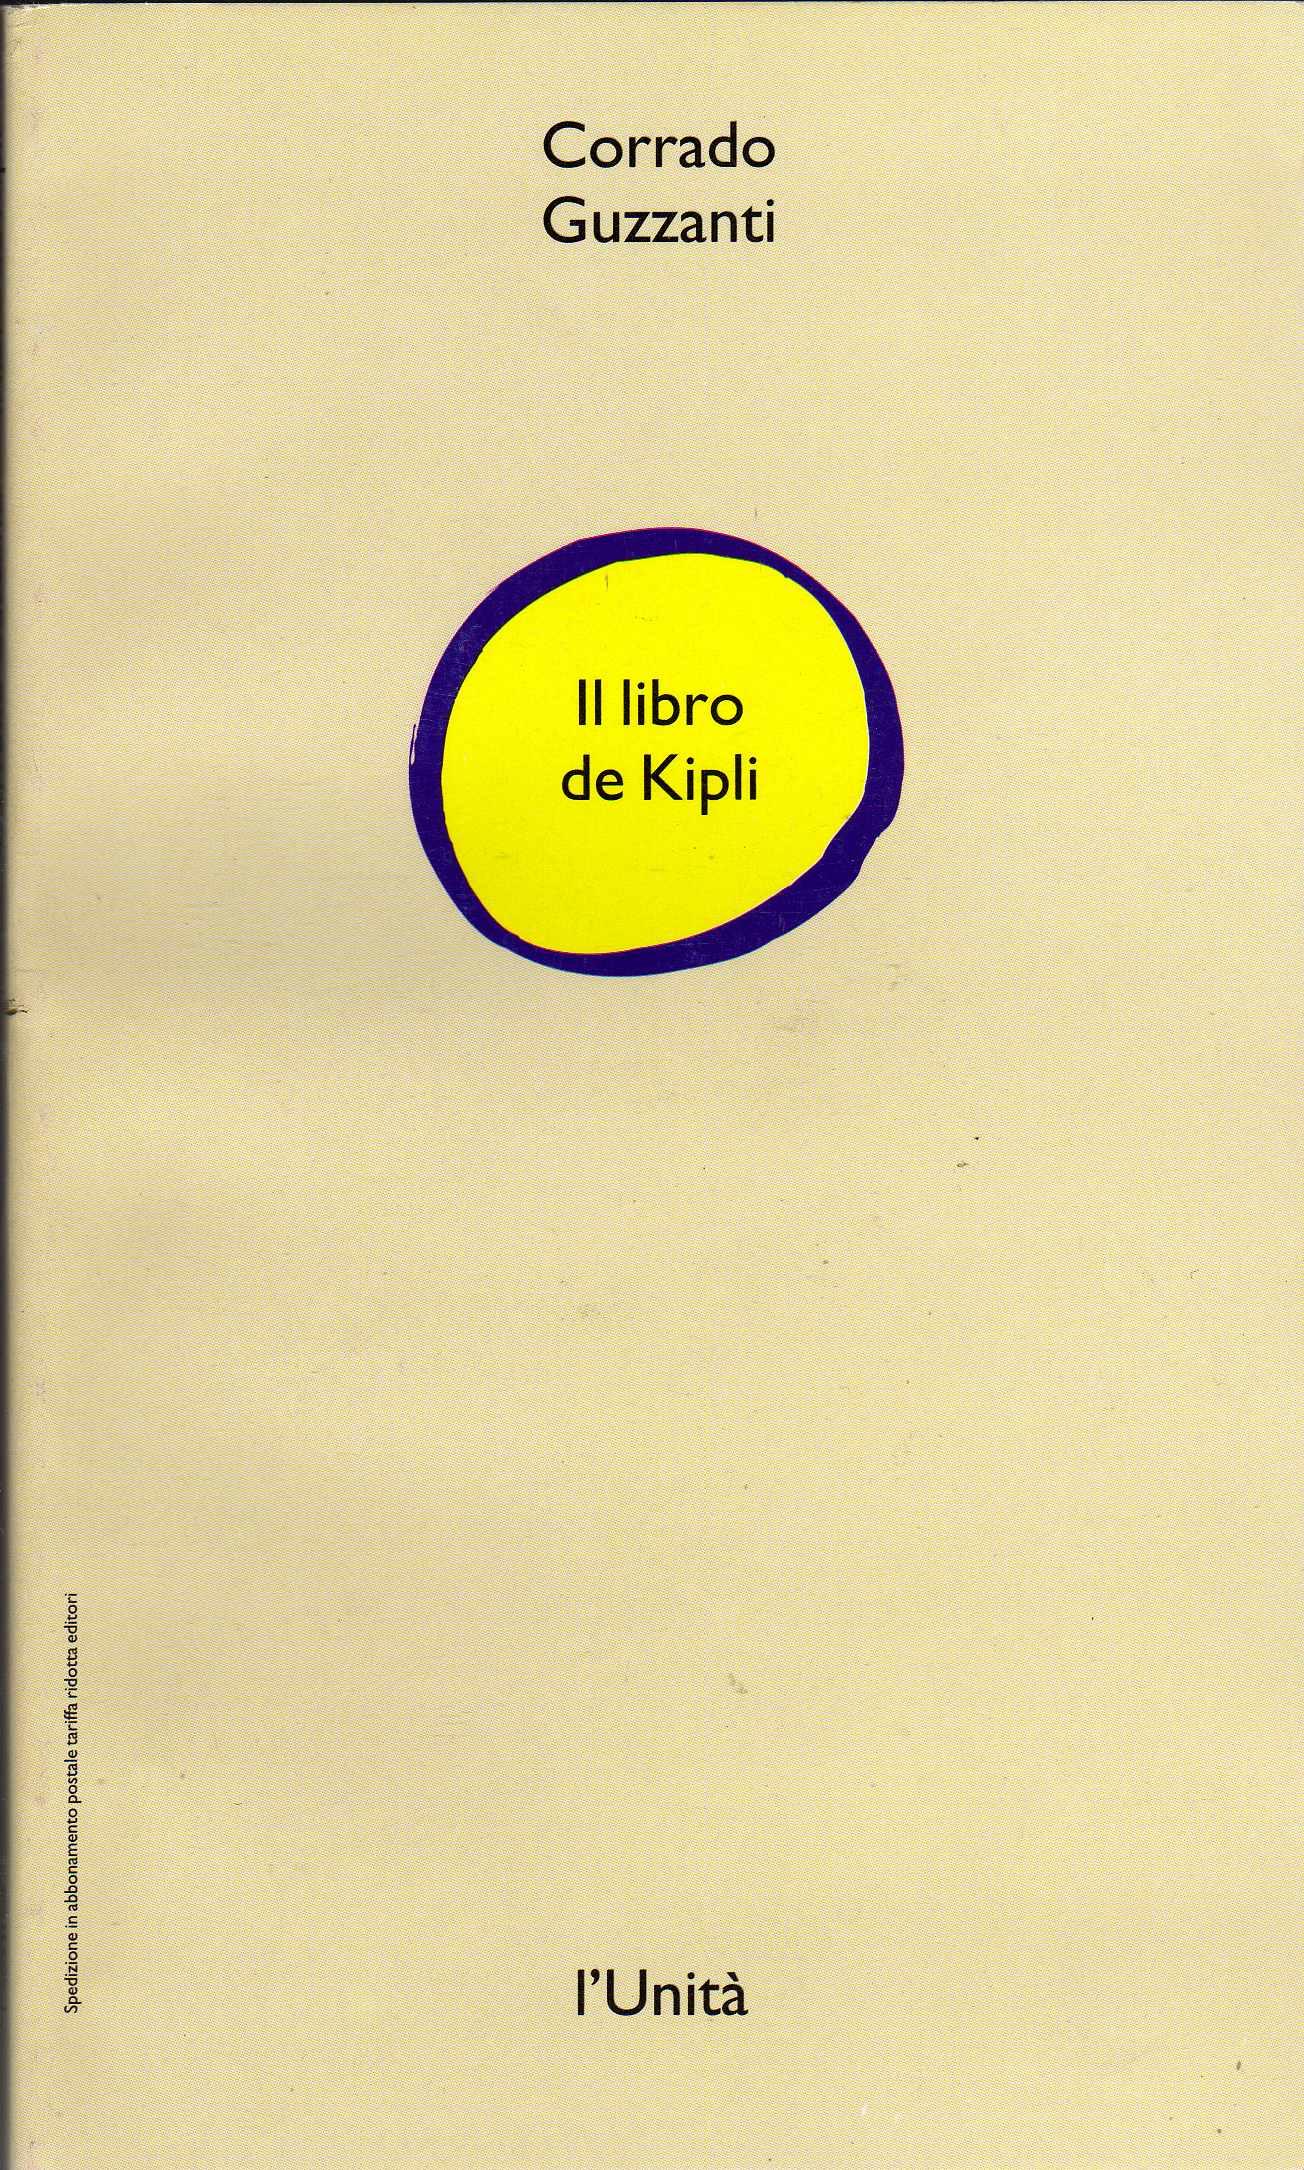 Il libro de Kipli